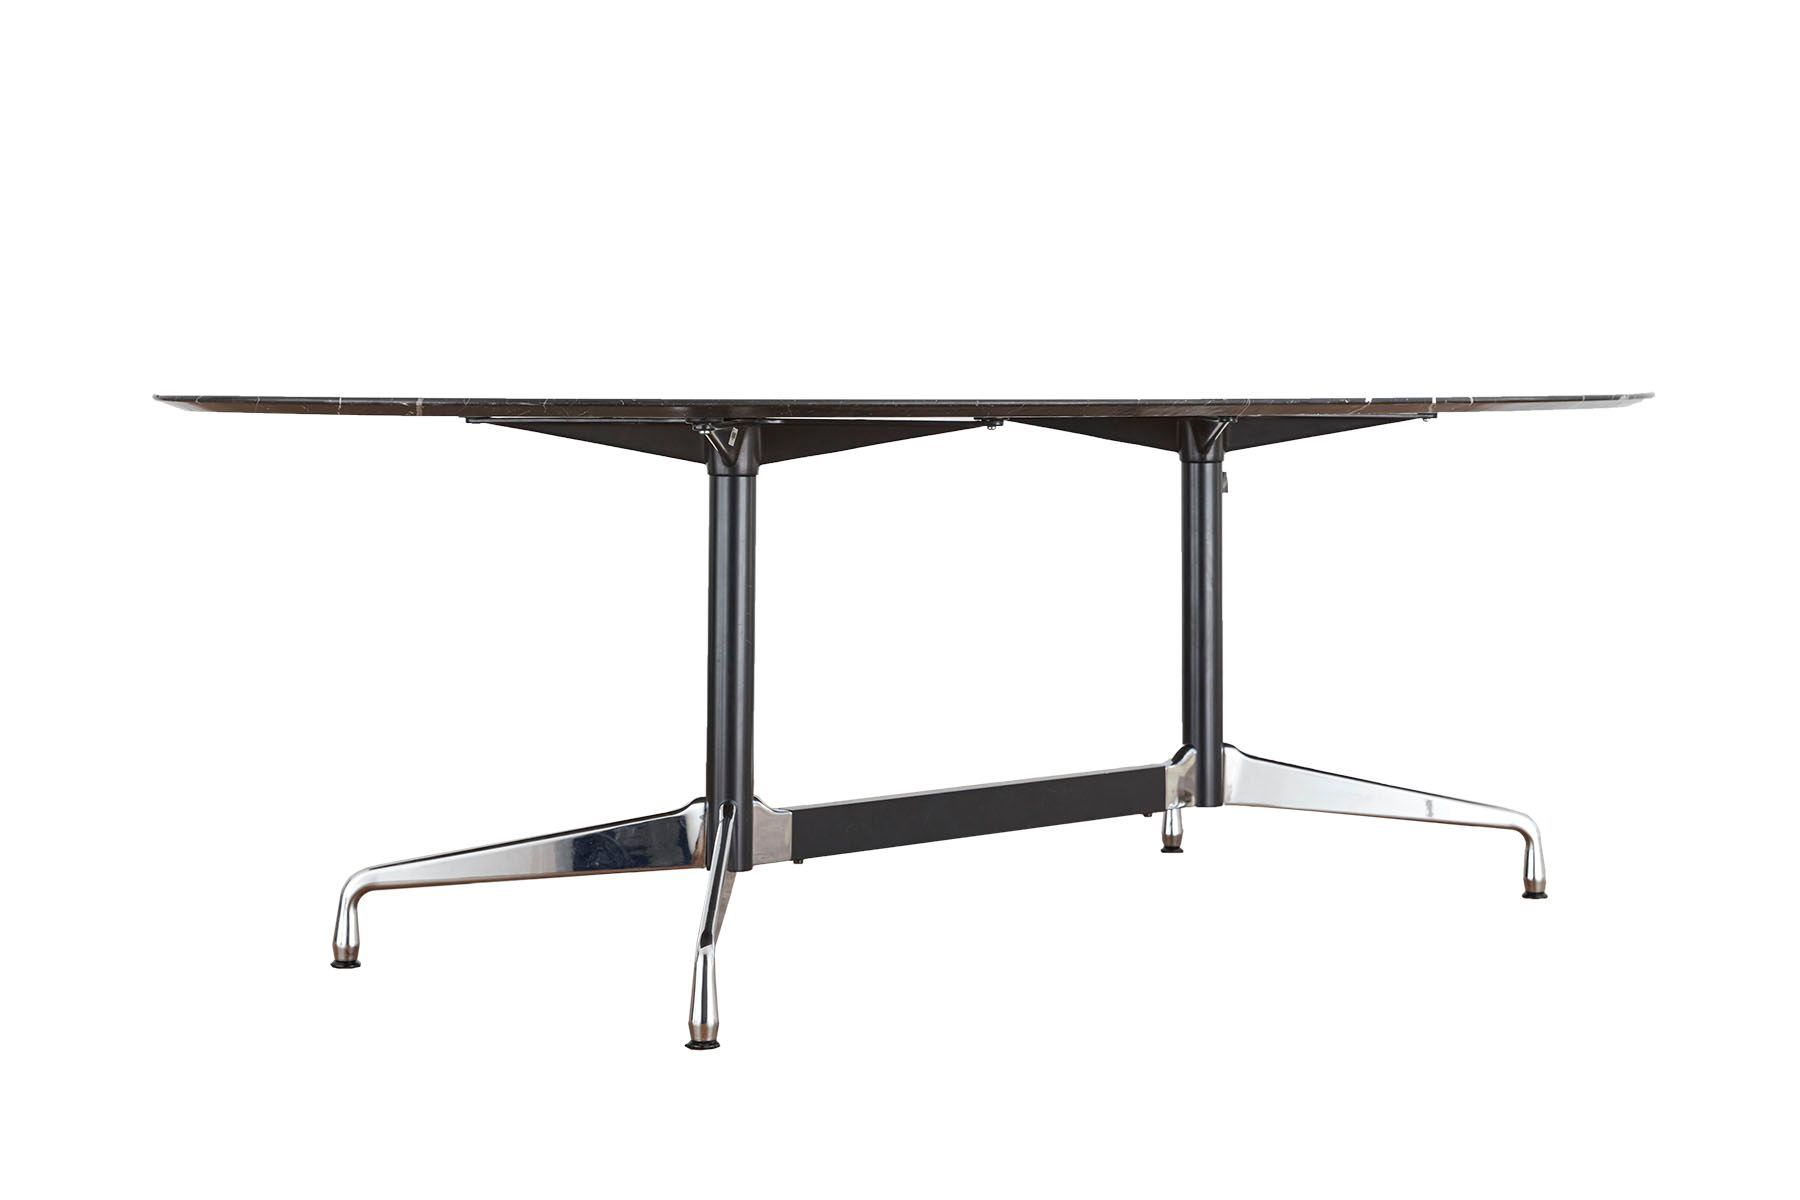 segmentierter tisch aus schwarzen marmor von charles ray eames f r vitra bei pamono kaufen. Black Bedroom Furniture Sets. Home Design Ideas